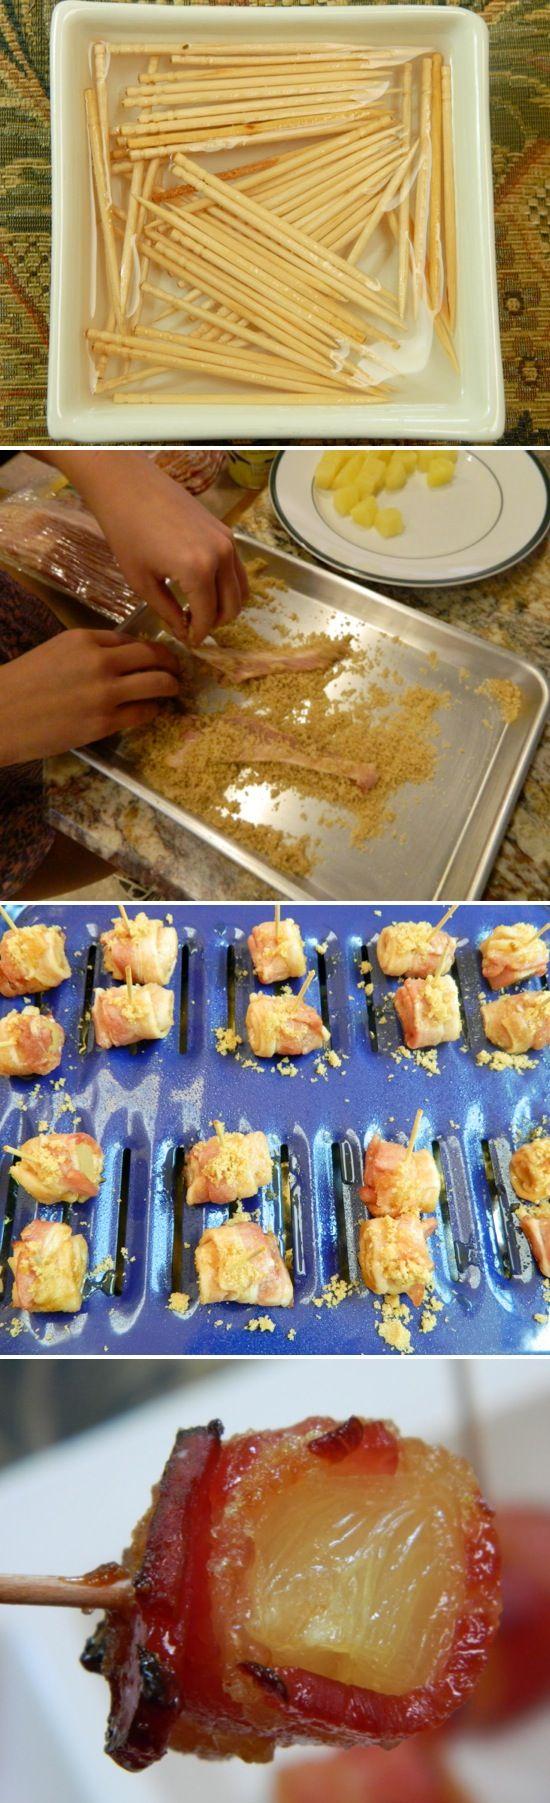 Bacon Wrapped relleno con anana, ciruela, datiles...